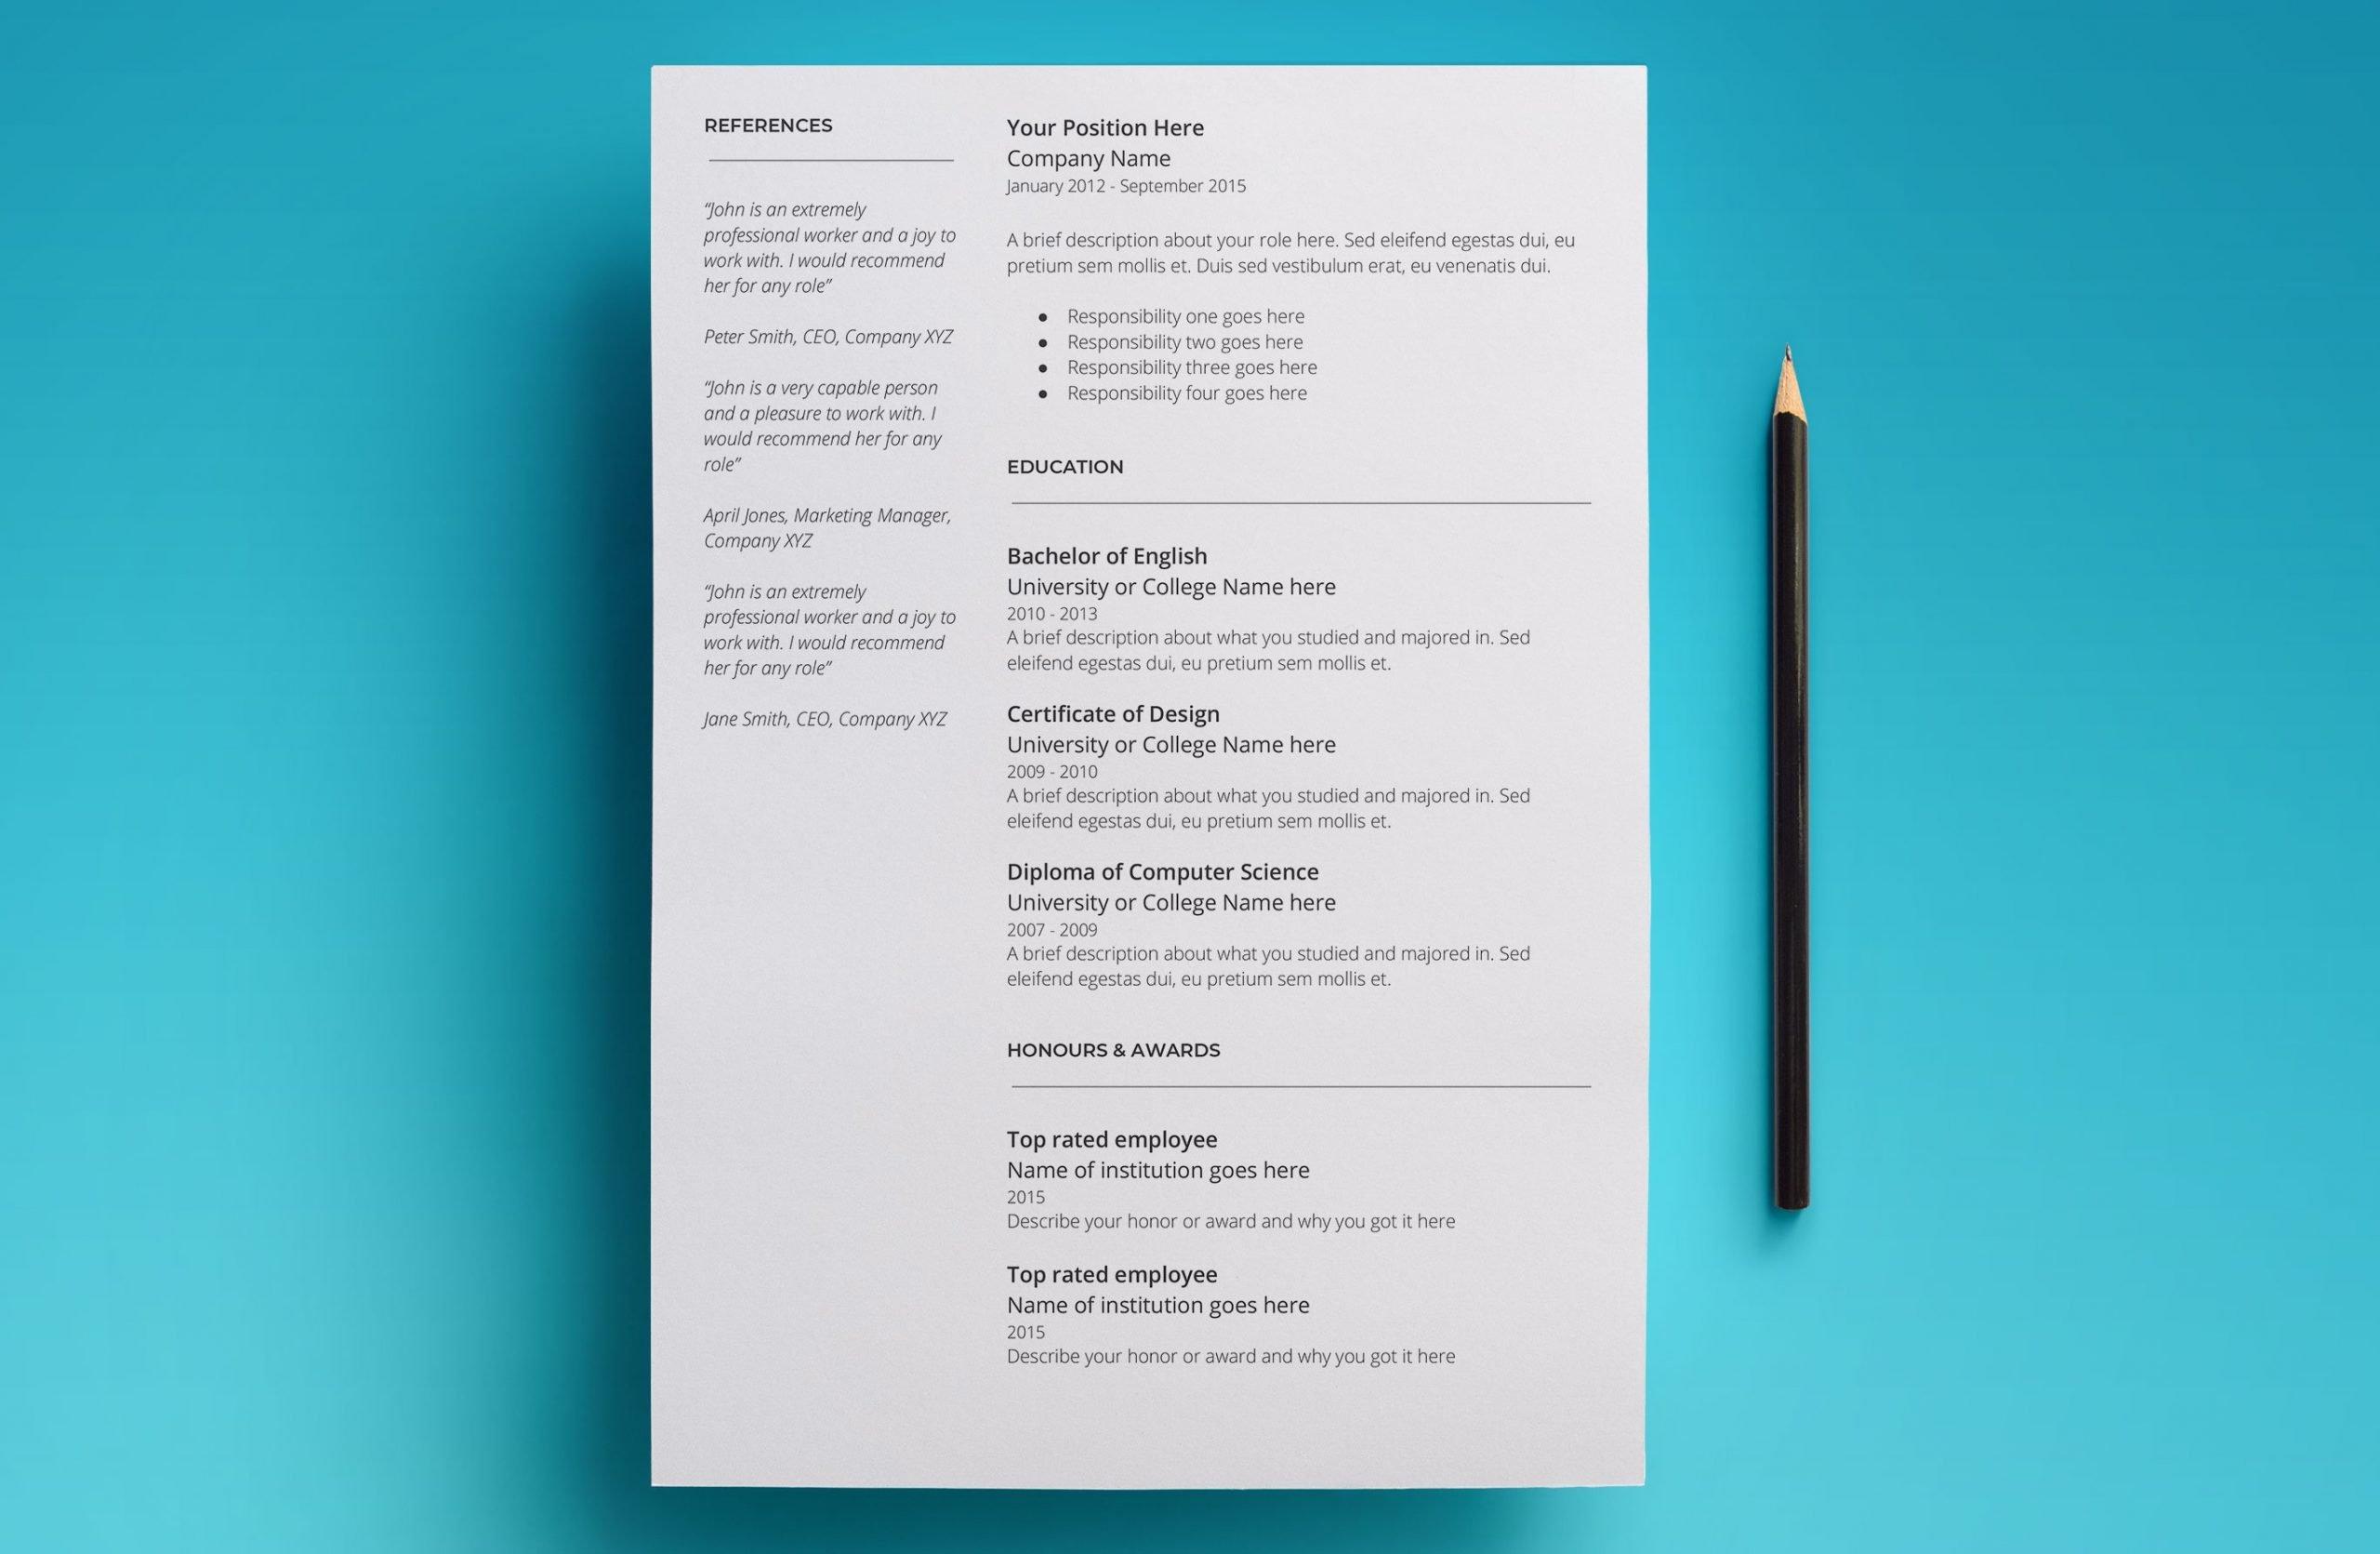 pandora resume template page 2